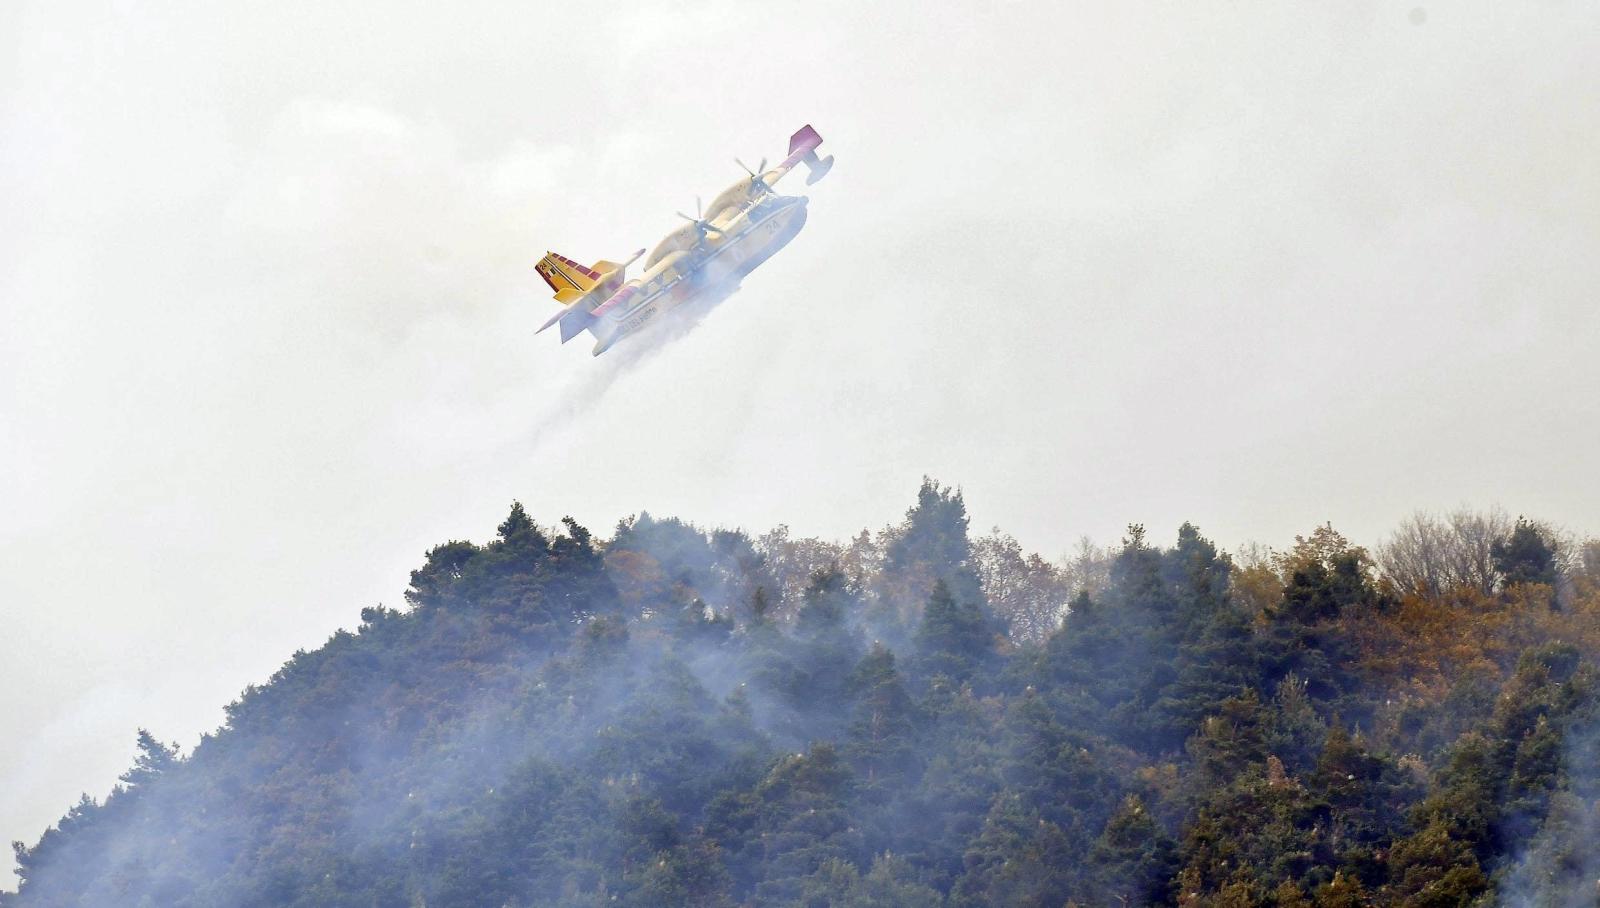 Samolot pomaga przy rozprzestrzeniającym się ogniu. Region Val di Susa pod Turynem, Włochy.